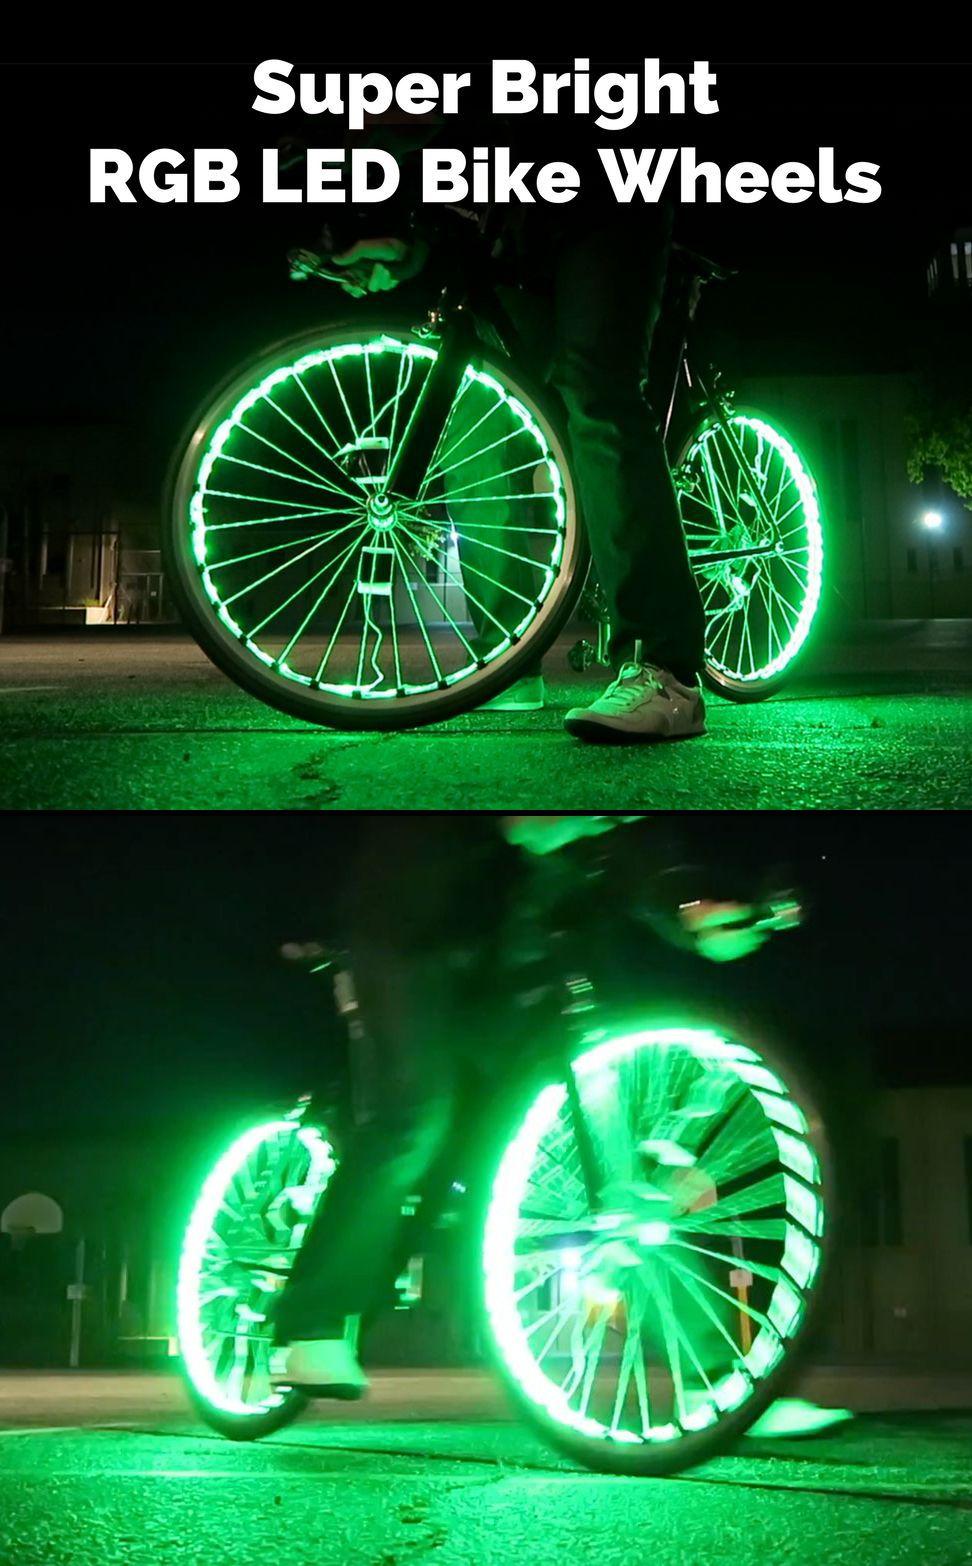 Super Bright Rgb Led Bike Wheels Bike Lights Led Bike Wheel